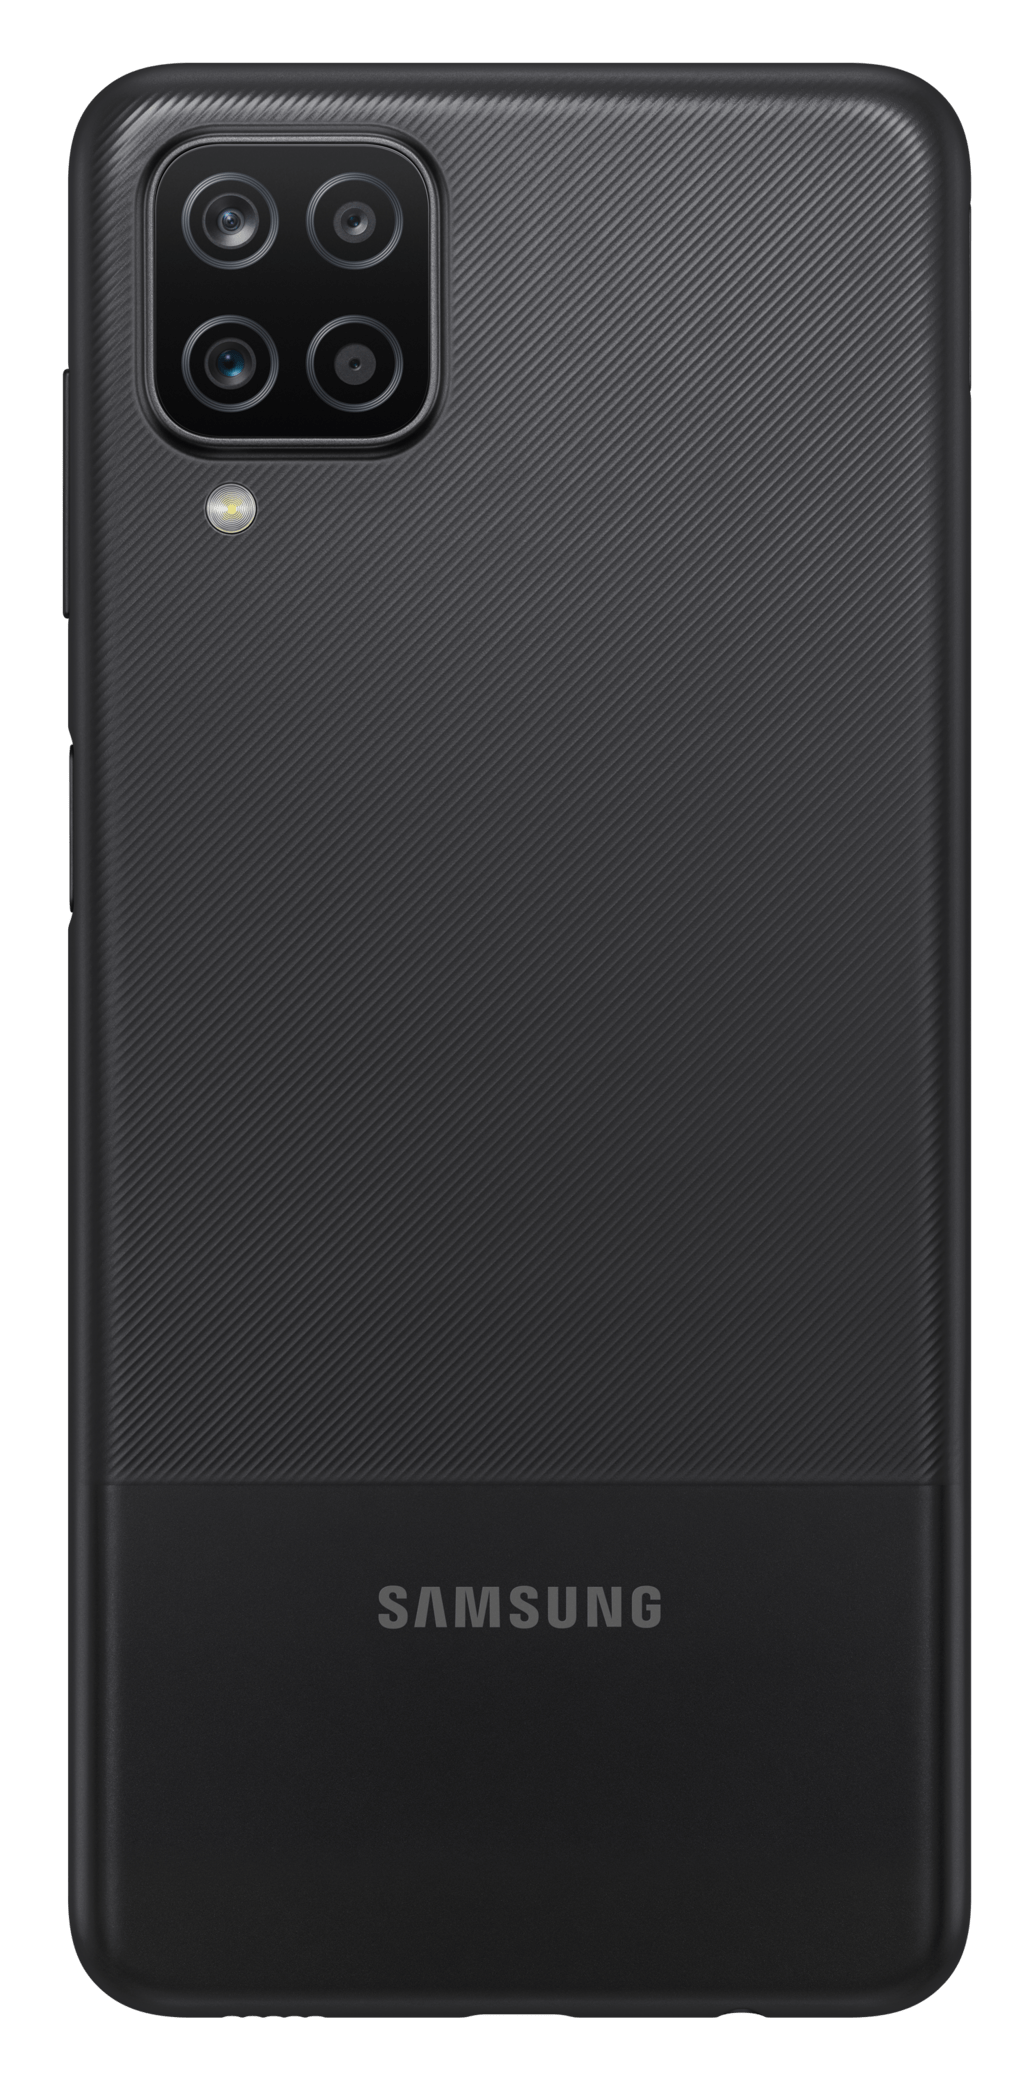 Samsung_Galaxy_A12_Back_RGB